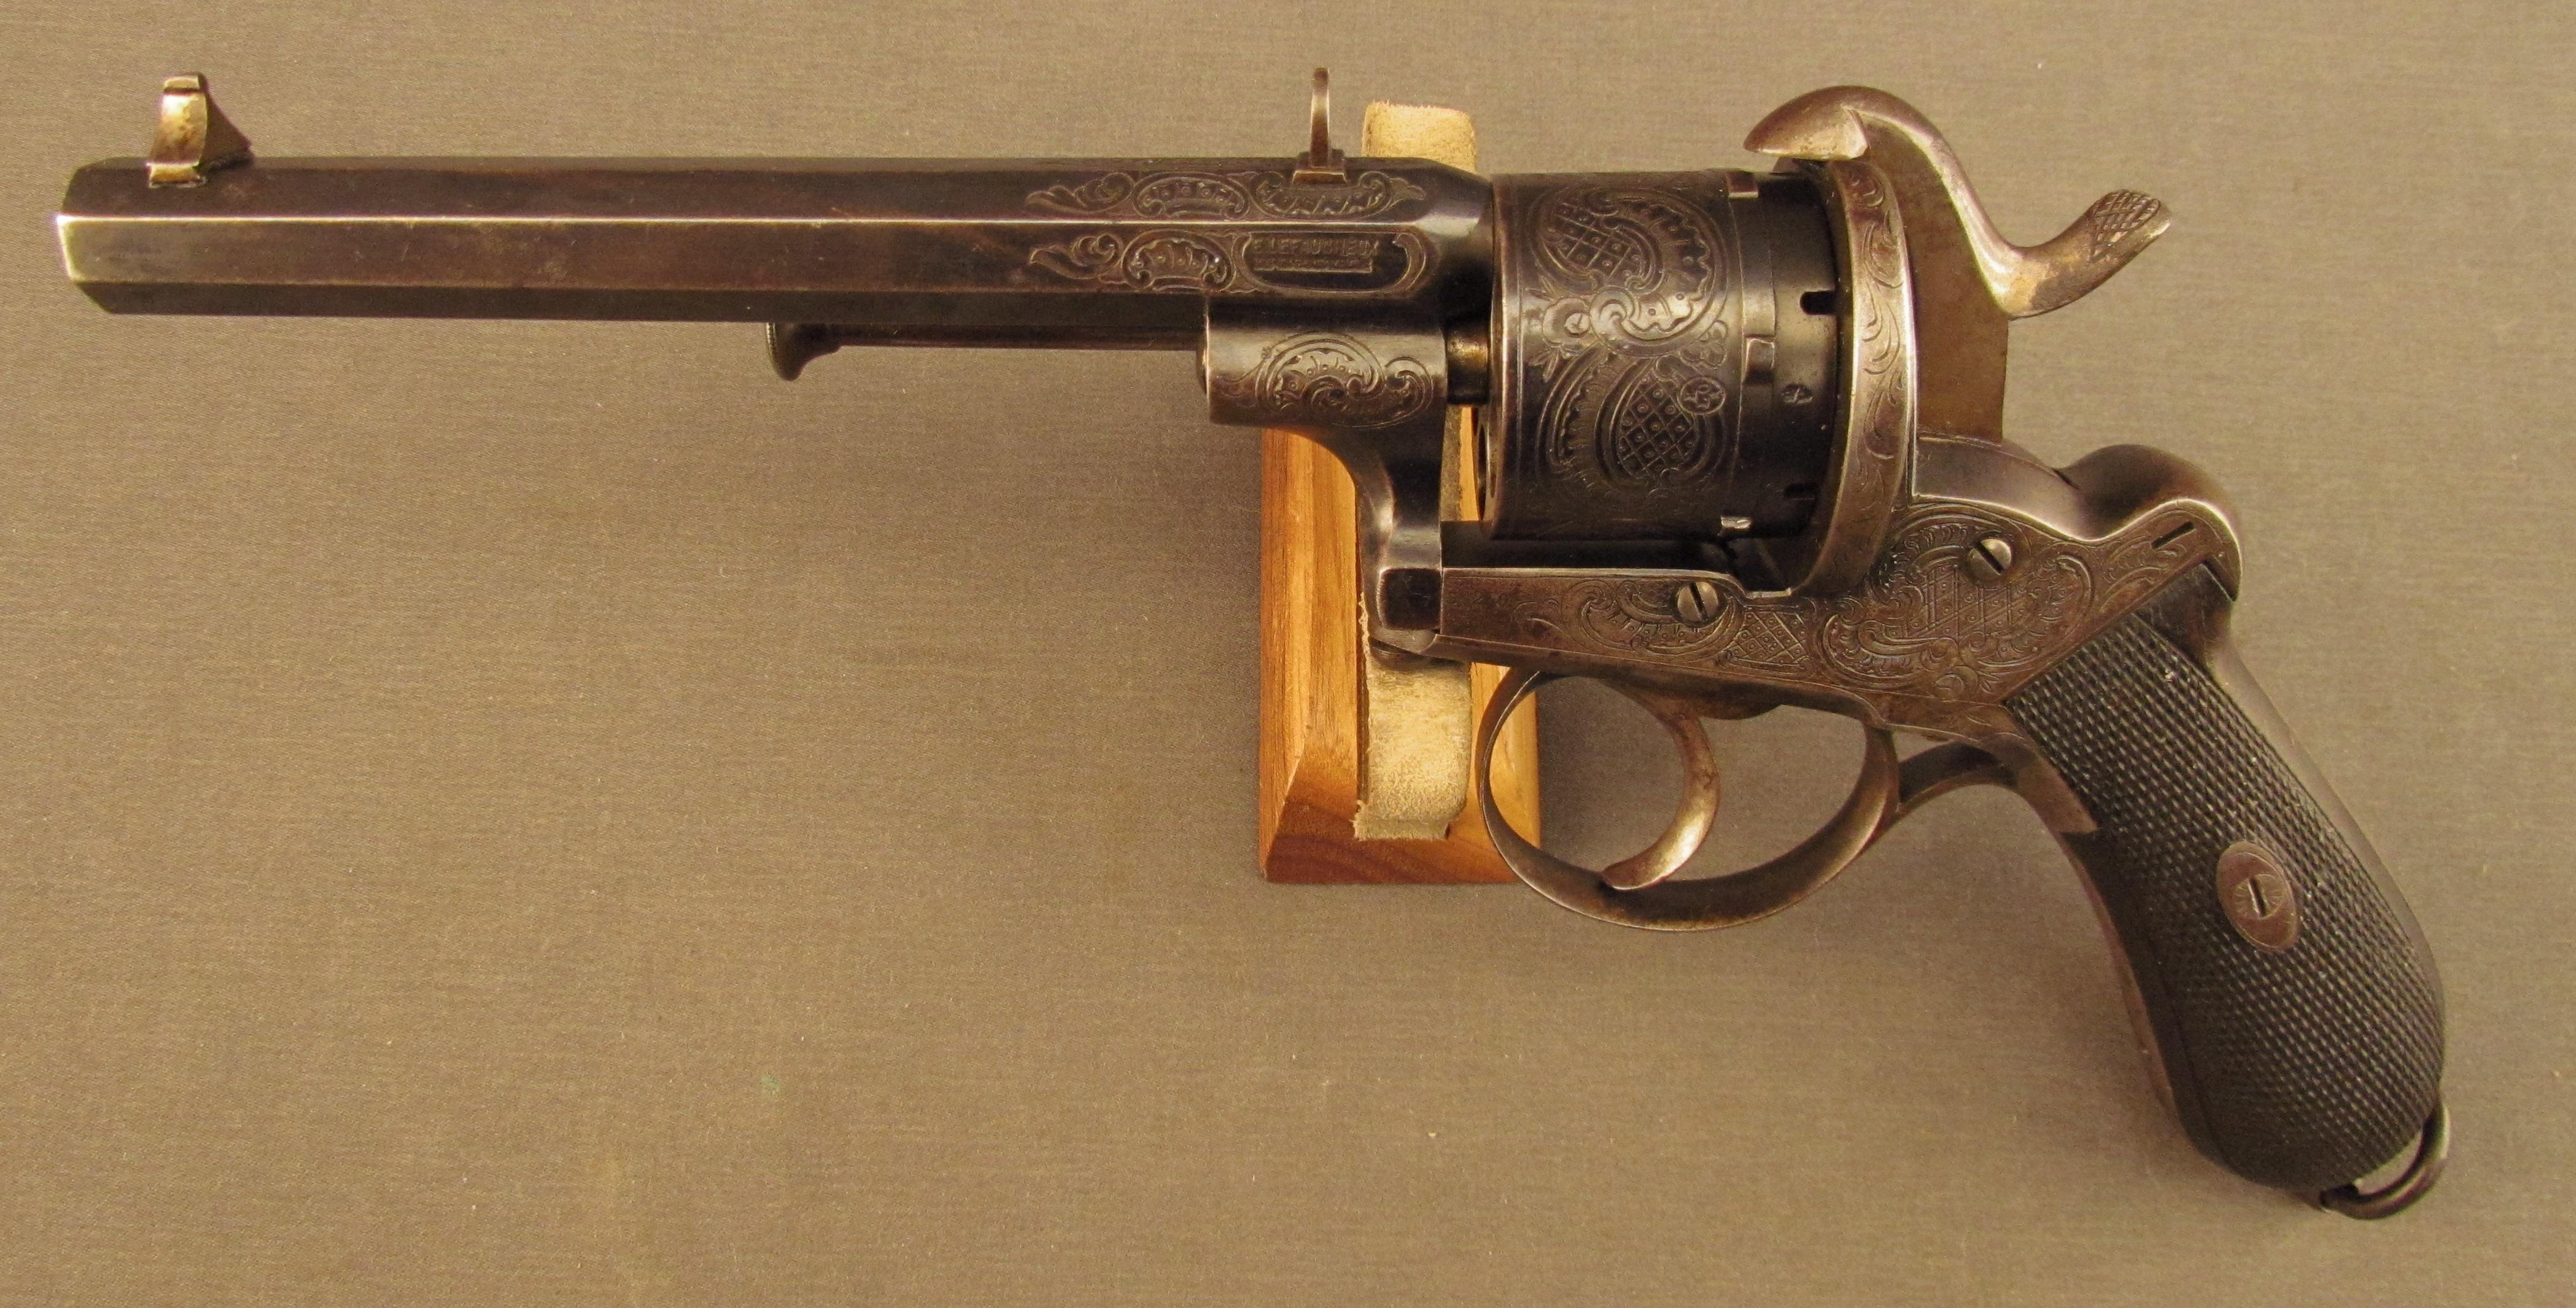 Lefaucheux Revolver Backgrounds, Compatible - PC, Mobile, Gadgets| 4196x2130 px